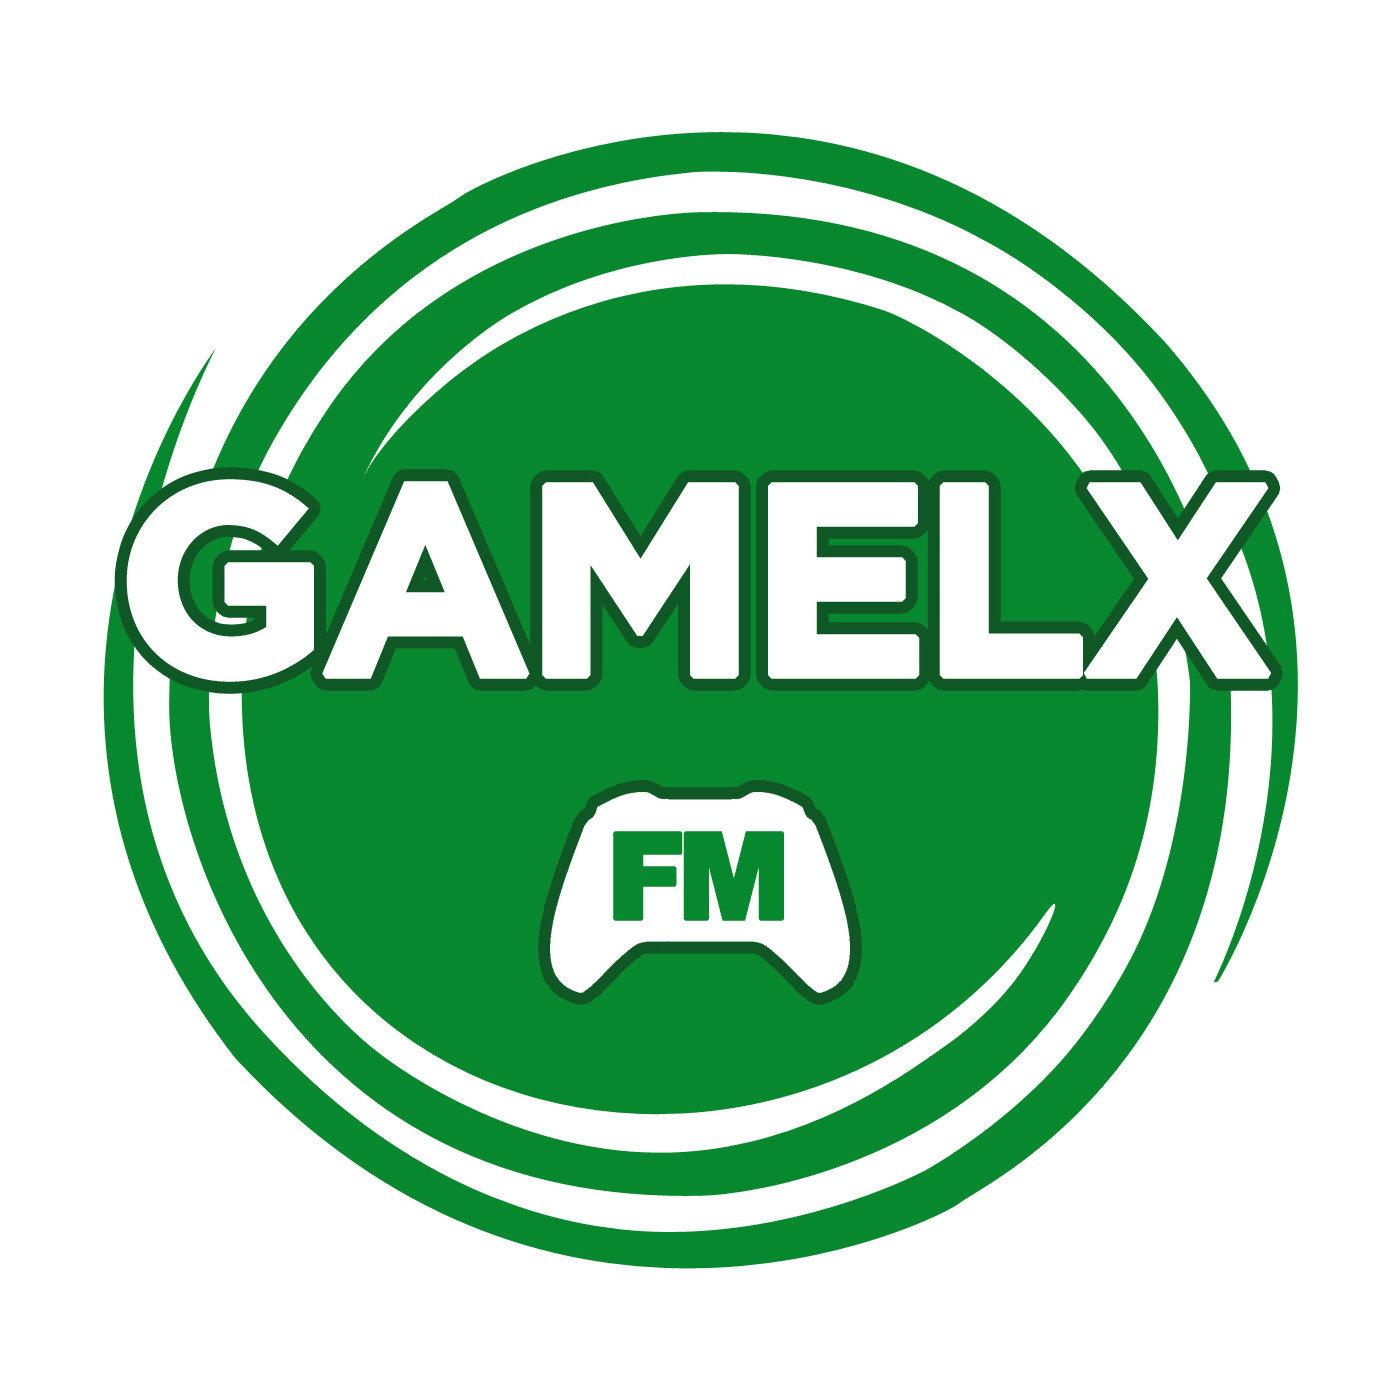 <![CDATA[GAMELX FM]]>